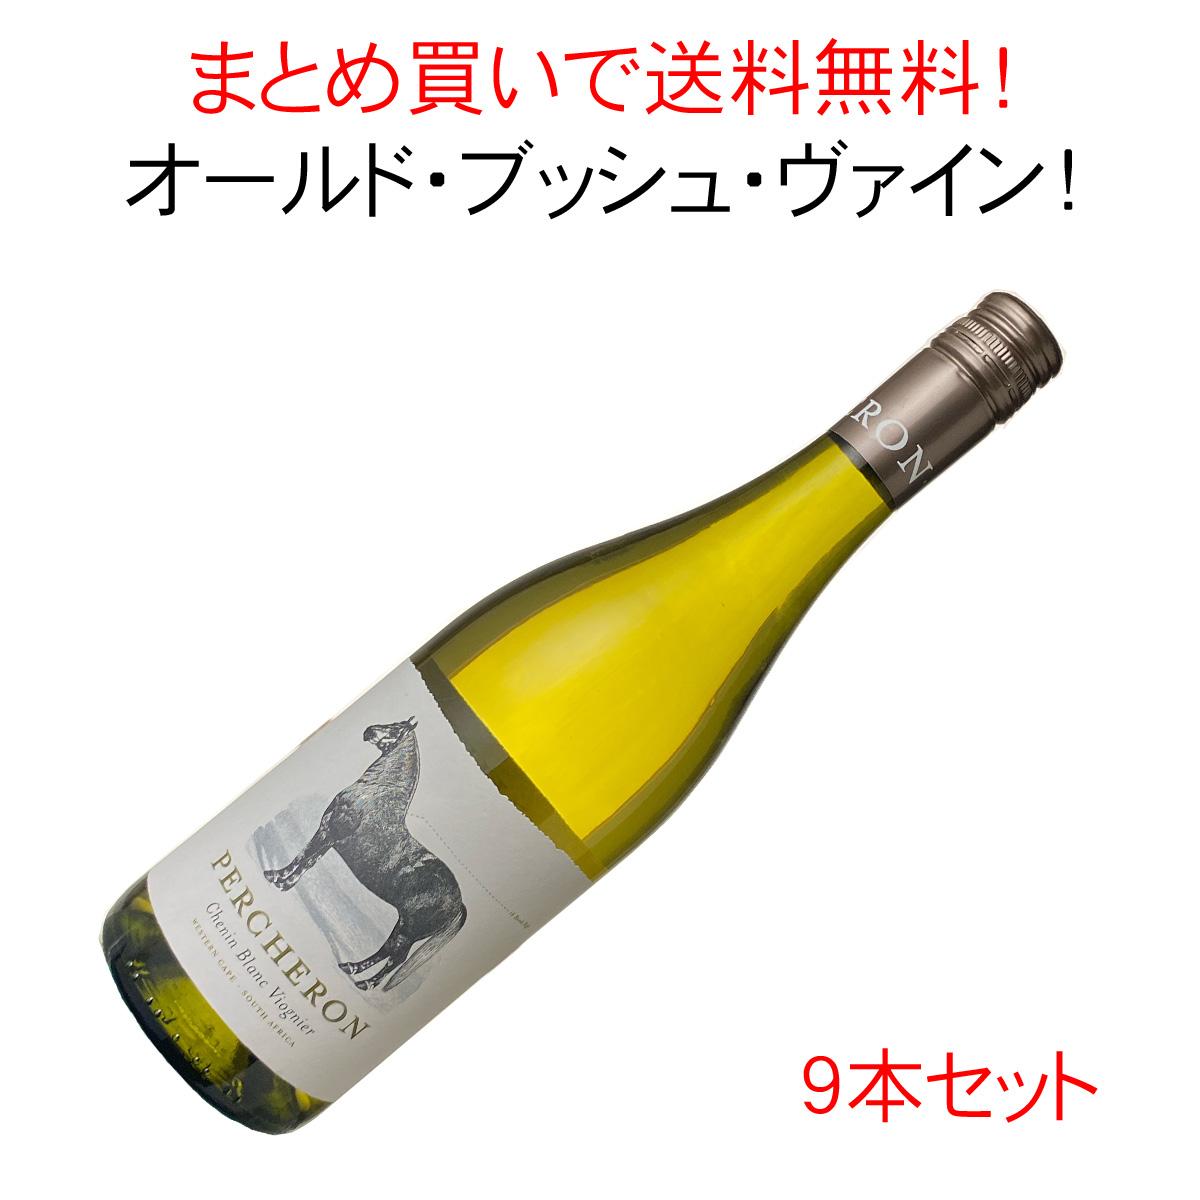 【送料無料】ペルシュロン シュナン・ブラン ヴィオニエ [2020] ブティノ 南アフリカ 1ケース9本セット <白> <ワイン/南アフリカ>